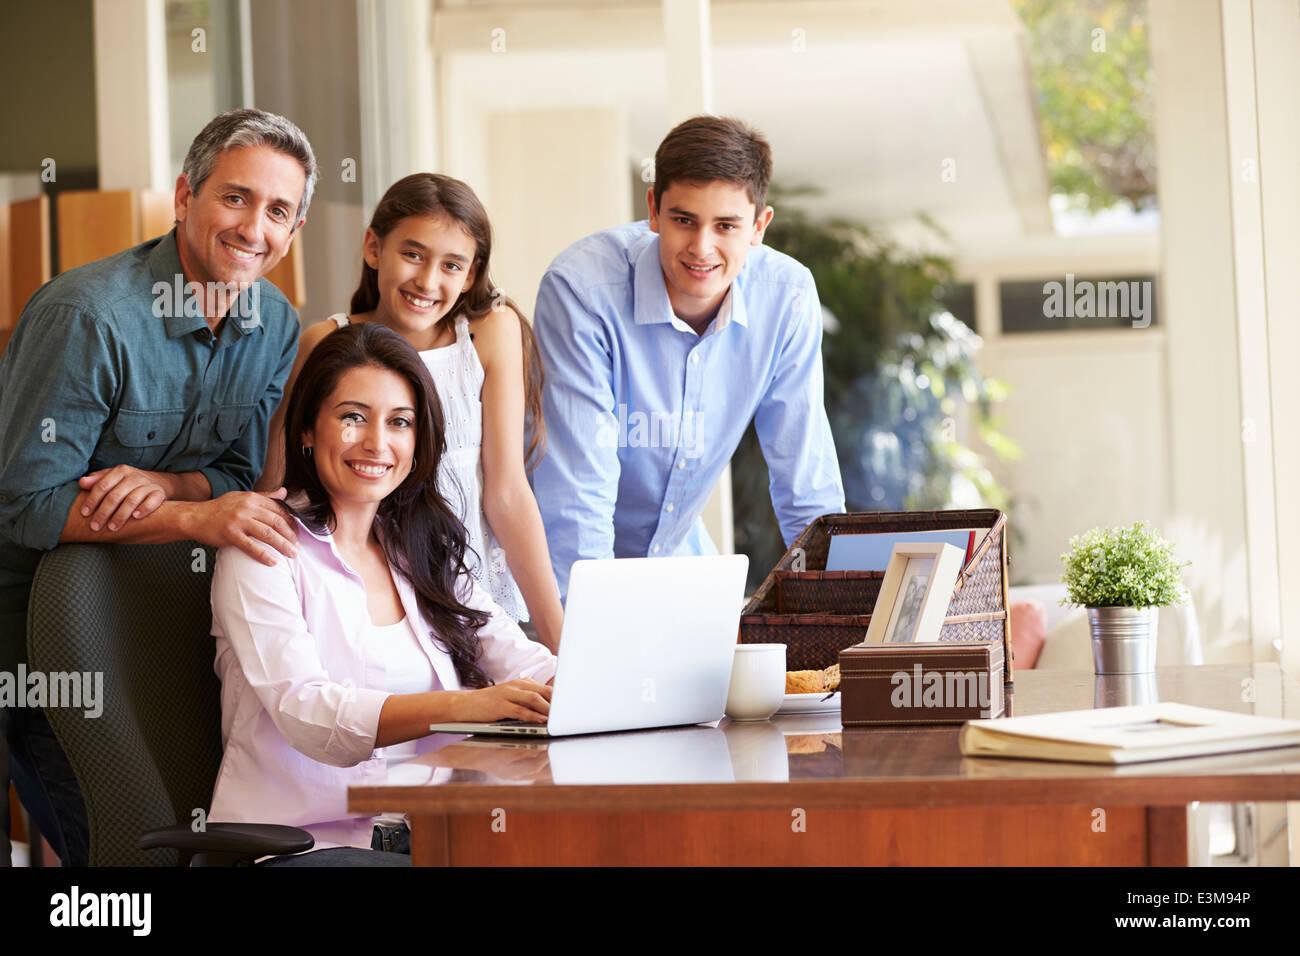 Ritratto di famiglia utilizzando Laptop insieme Immagini Stock